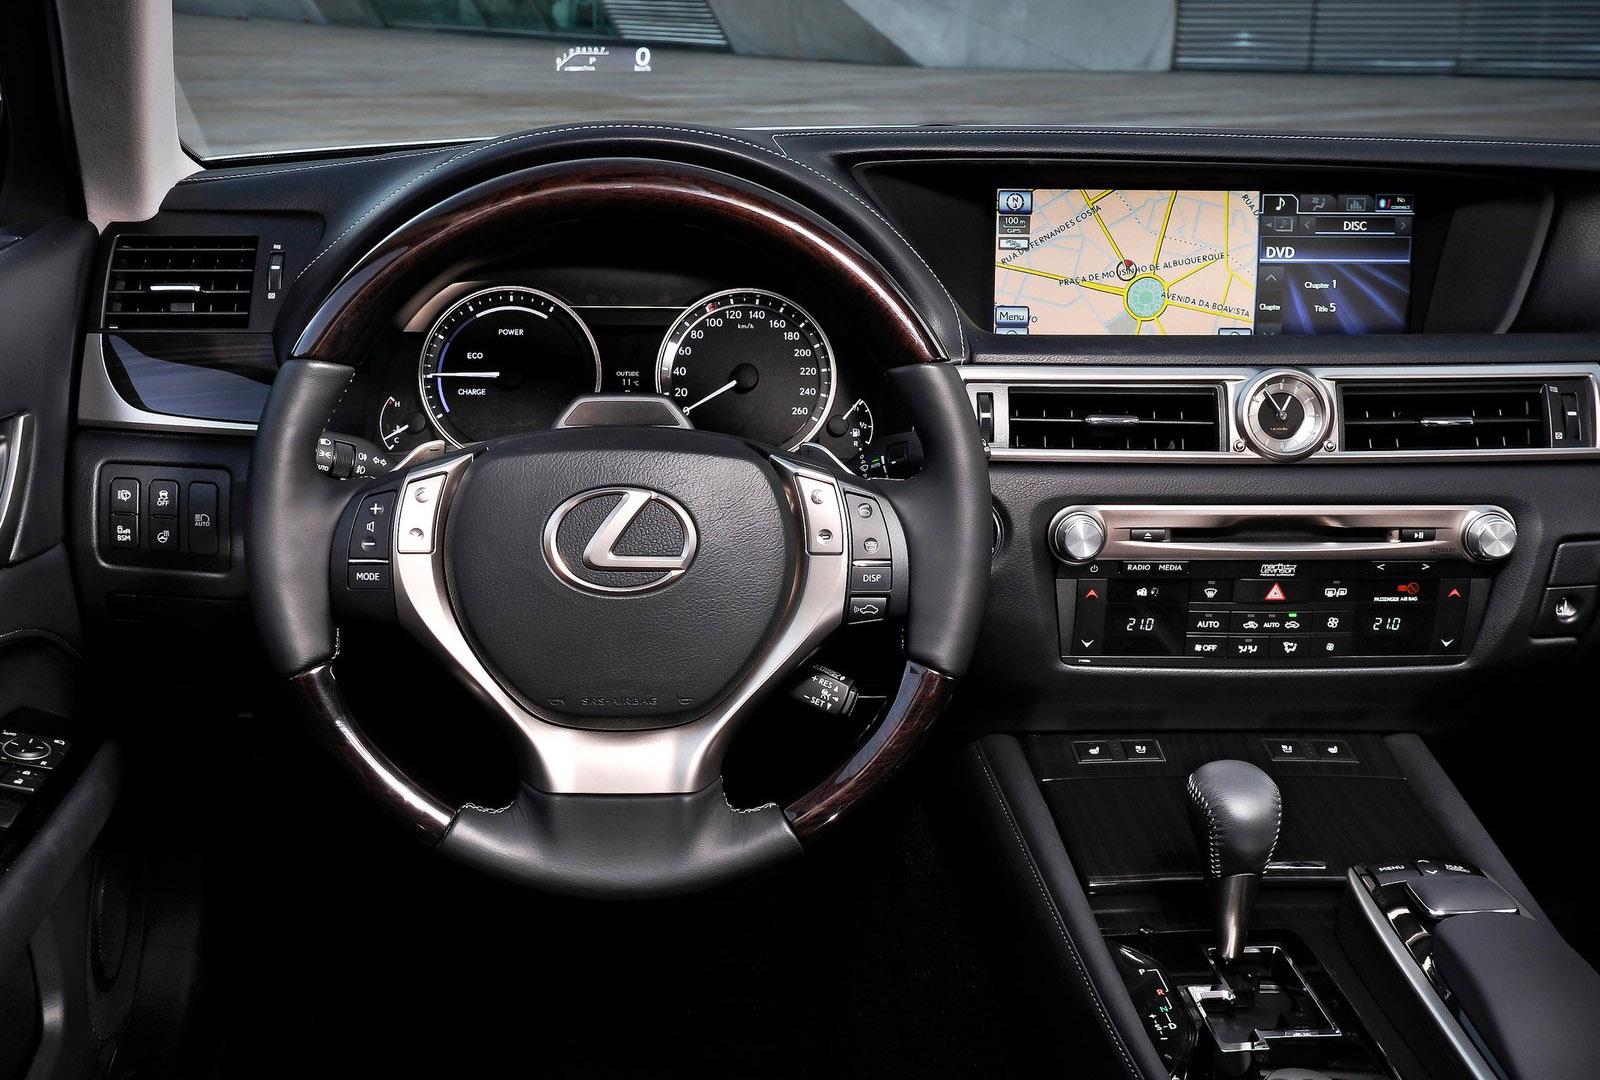 2013 Lexus Gs 450h Hybrid Picture 72289